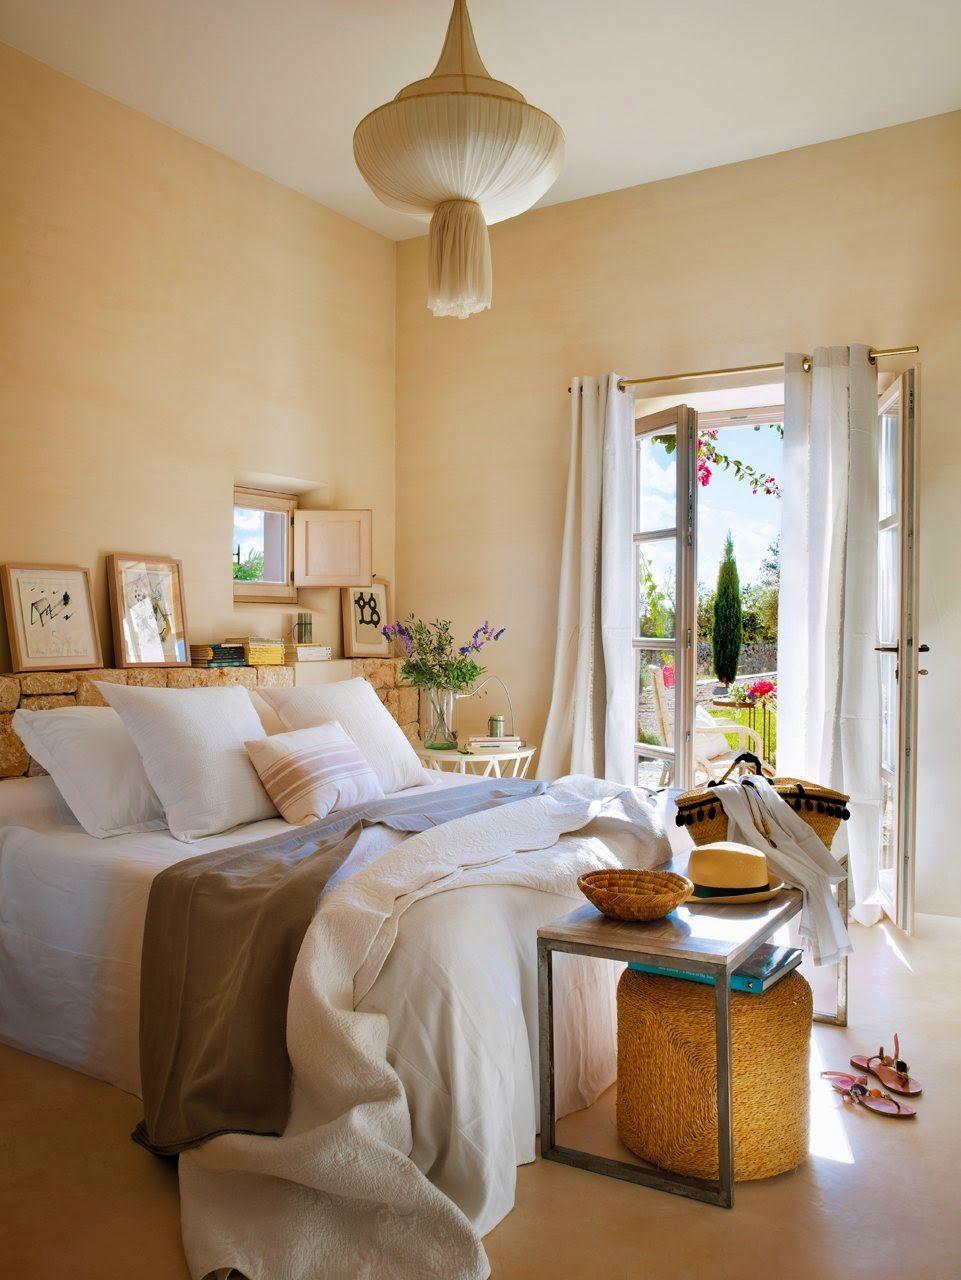 6 Claves Para Decorar Un Dormitorio Con Poca Luz Dormitorios Dormitorio Con Estilo Dormitorio De Ensueno